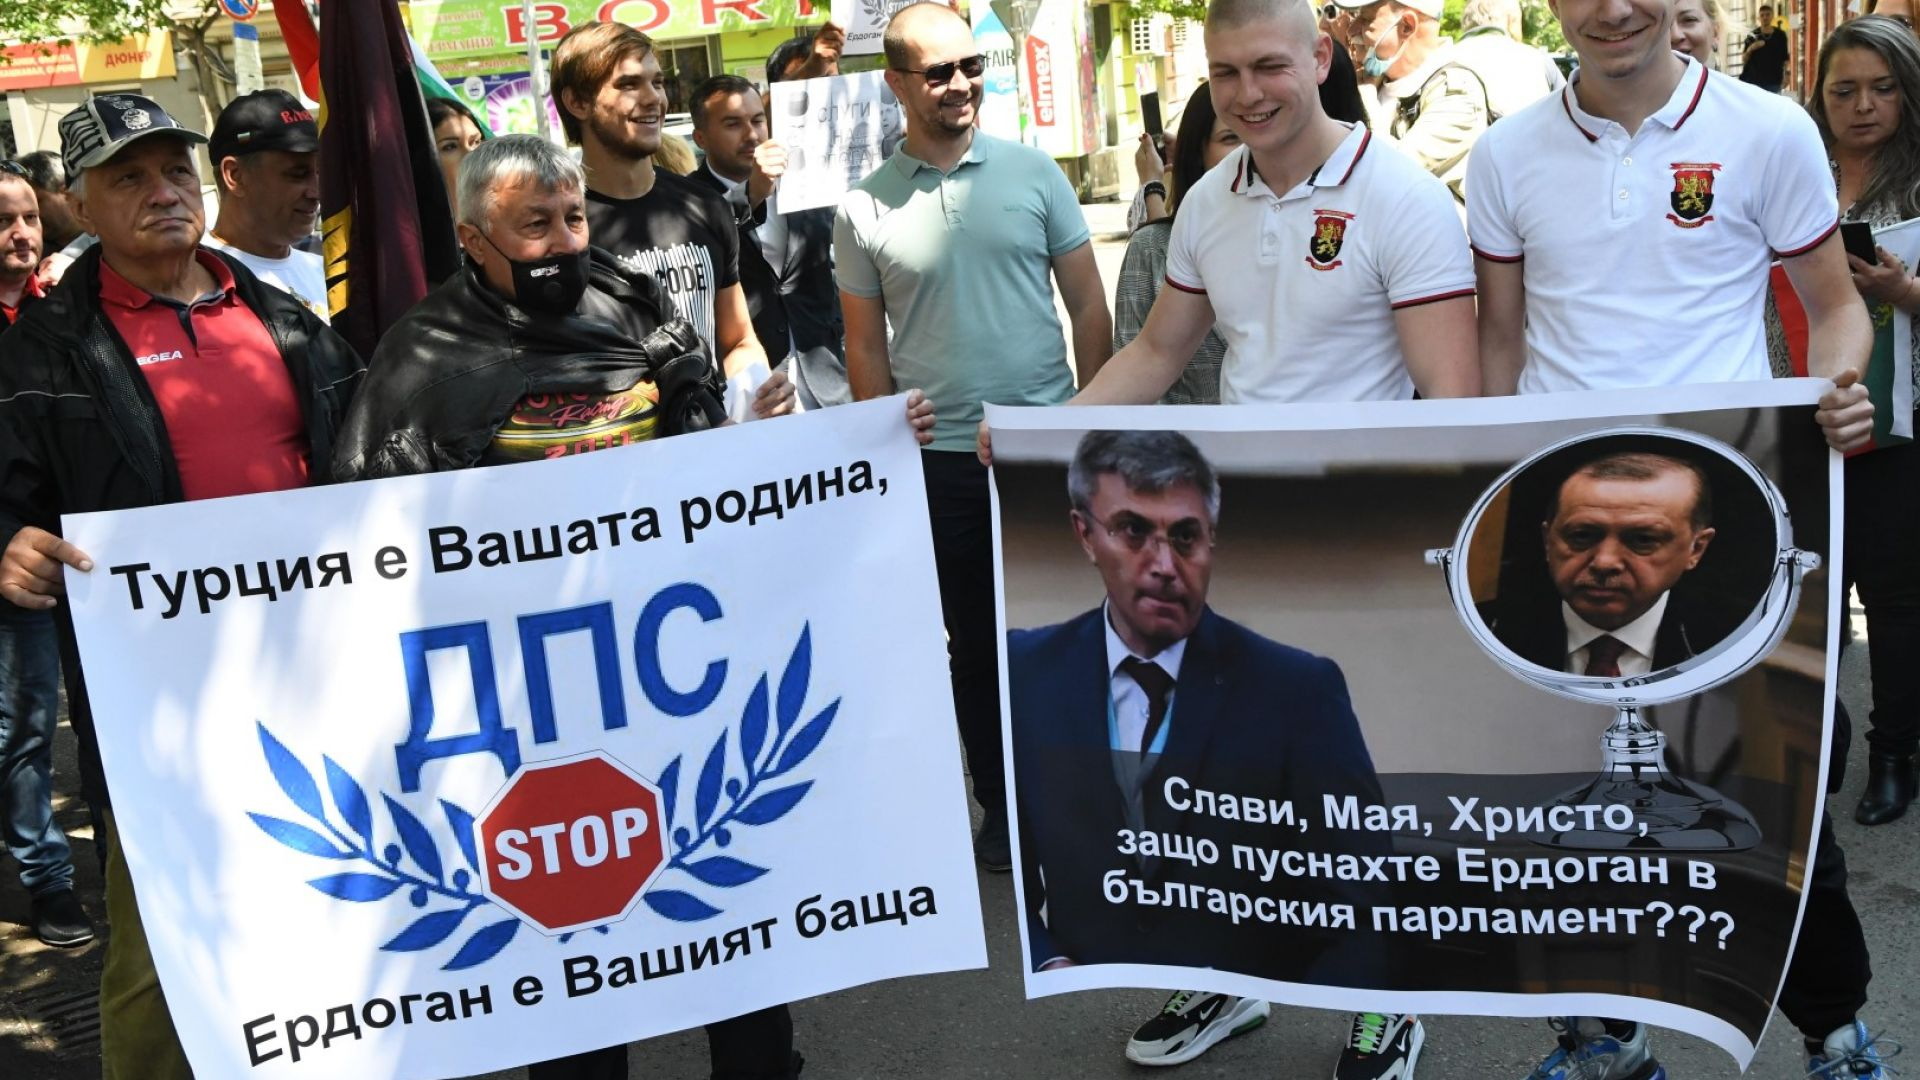 Българските патриоти сезираха ВАС: Решението на ЦИК за 121 секции в Турция нарушава Конституцията и Изборния кодекс